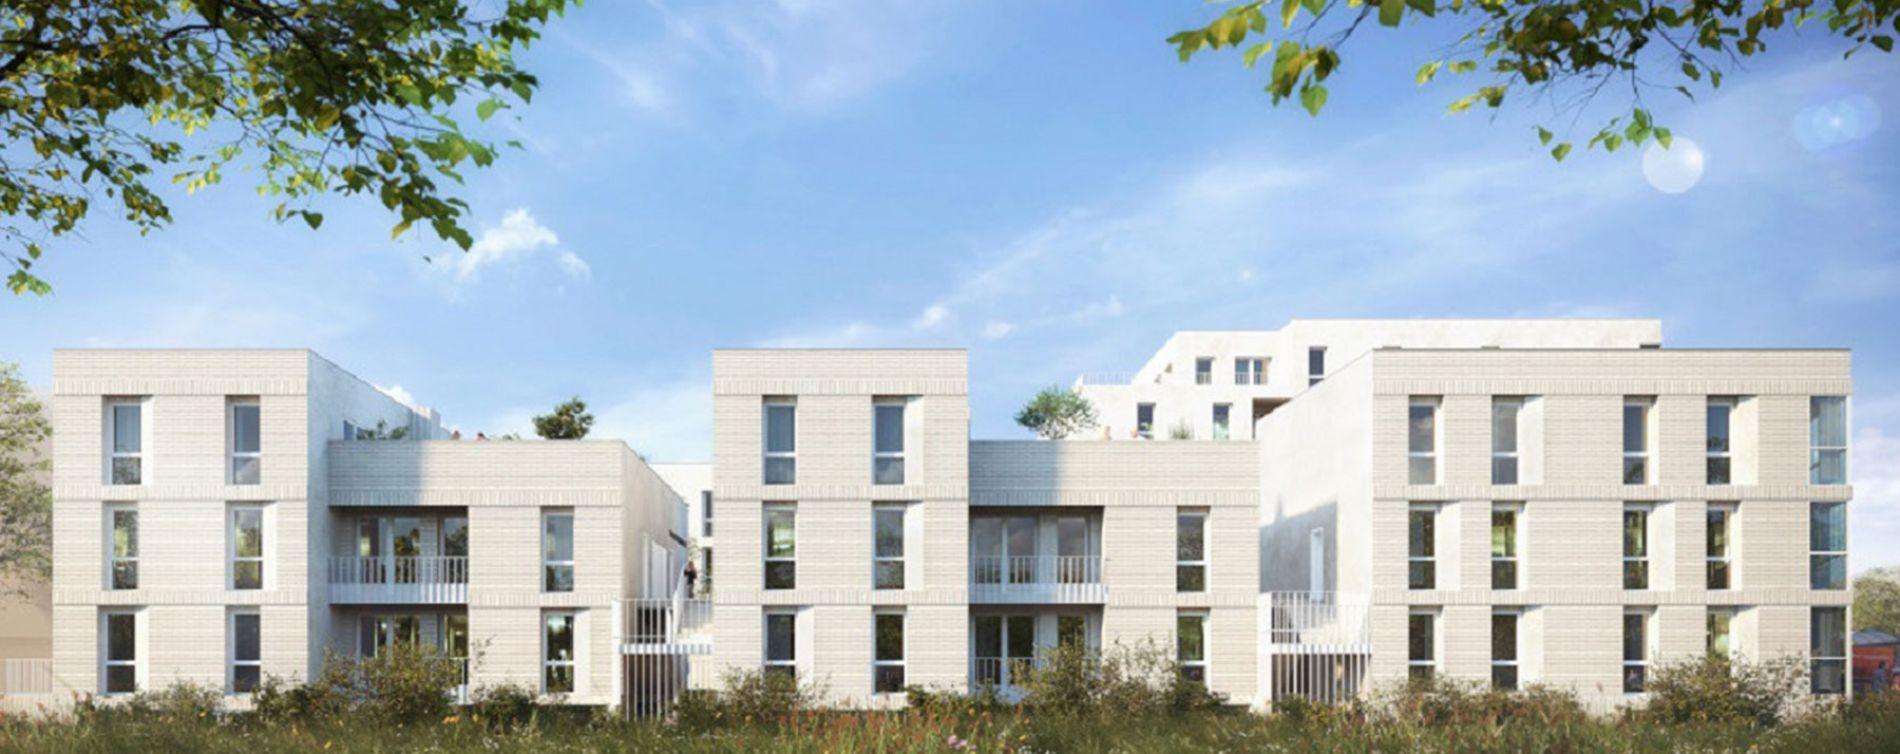 Résidence Garden District à Amiens